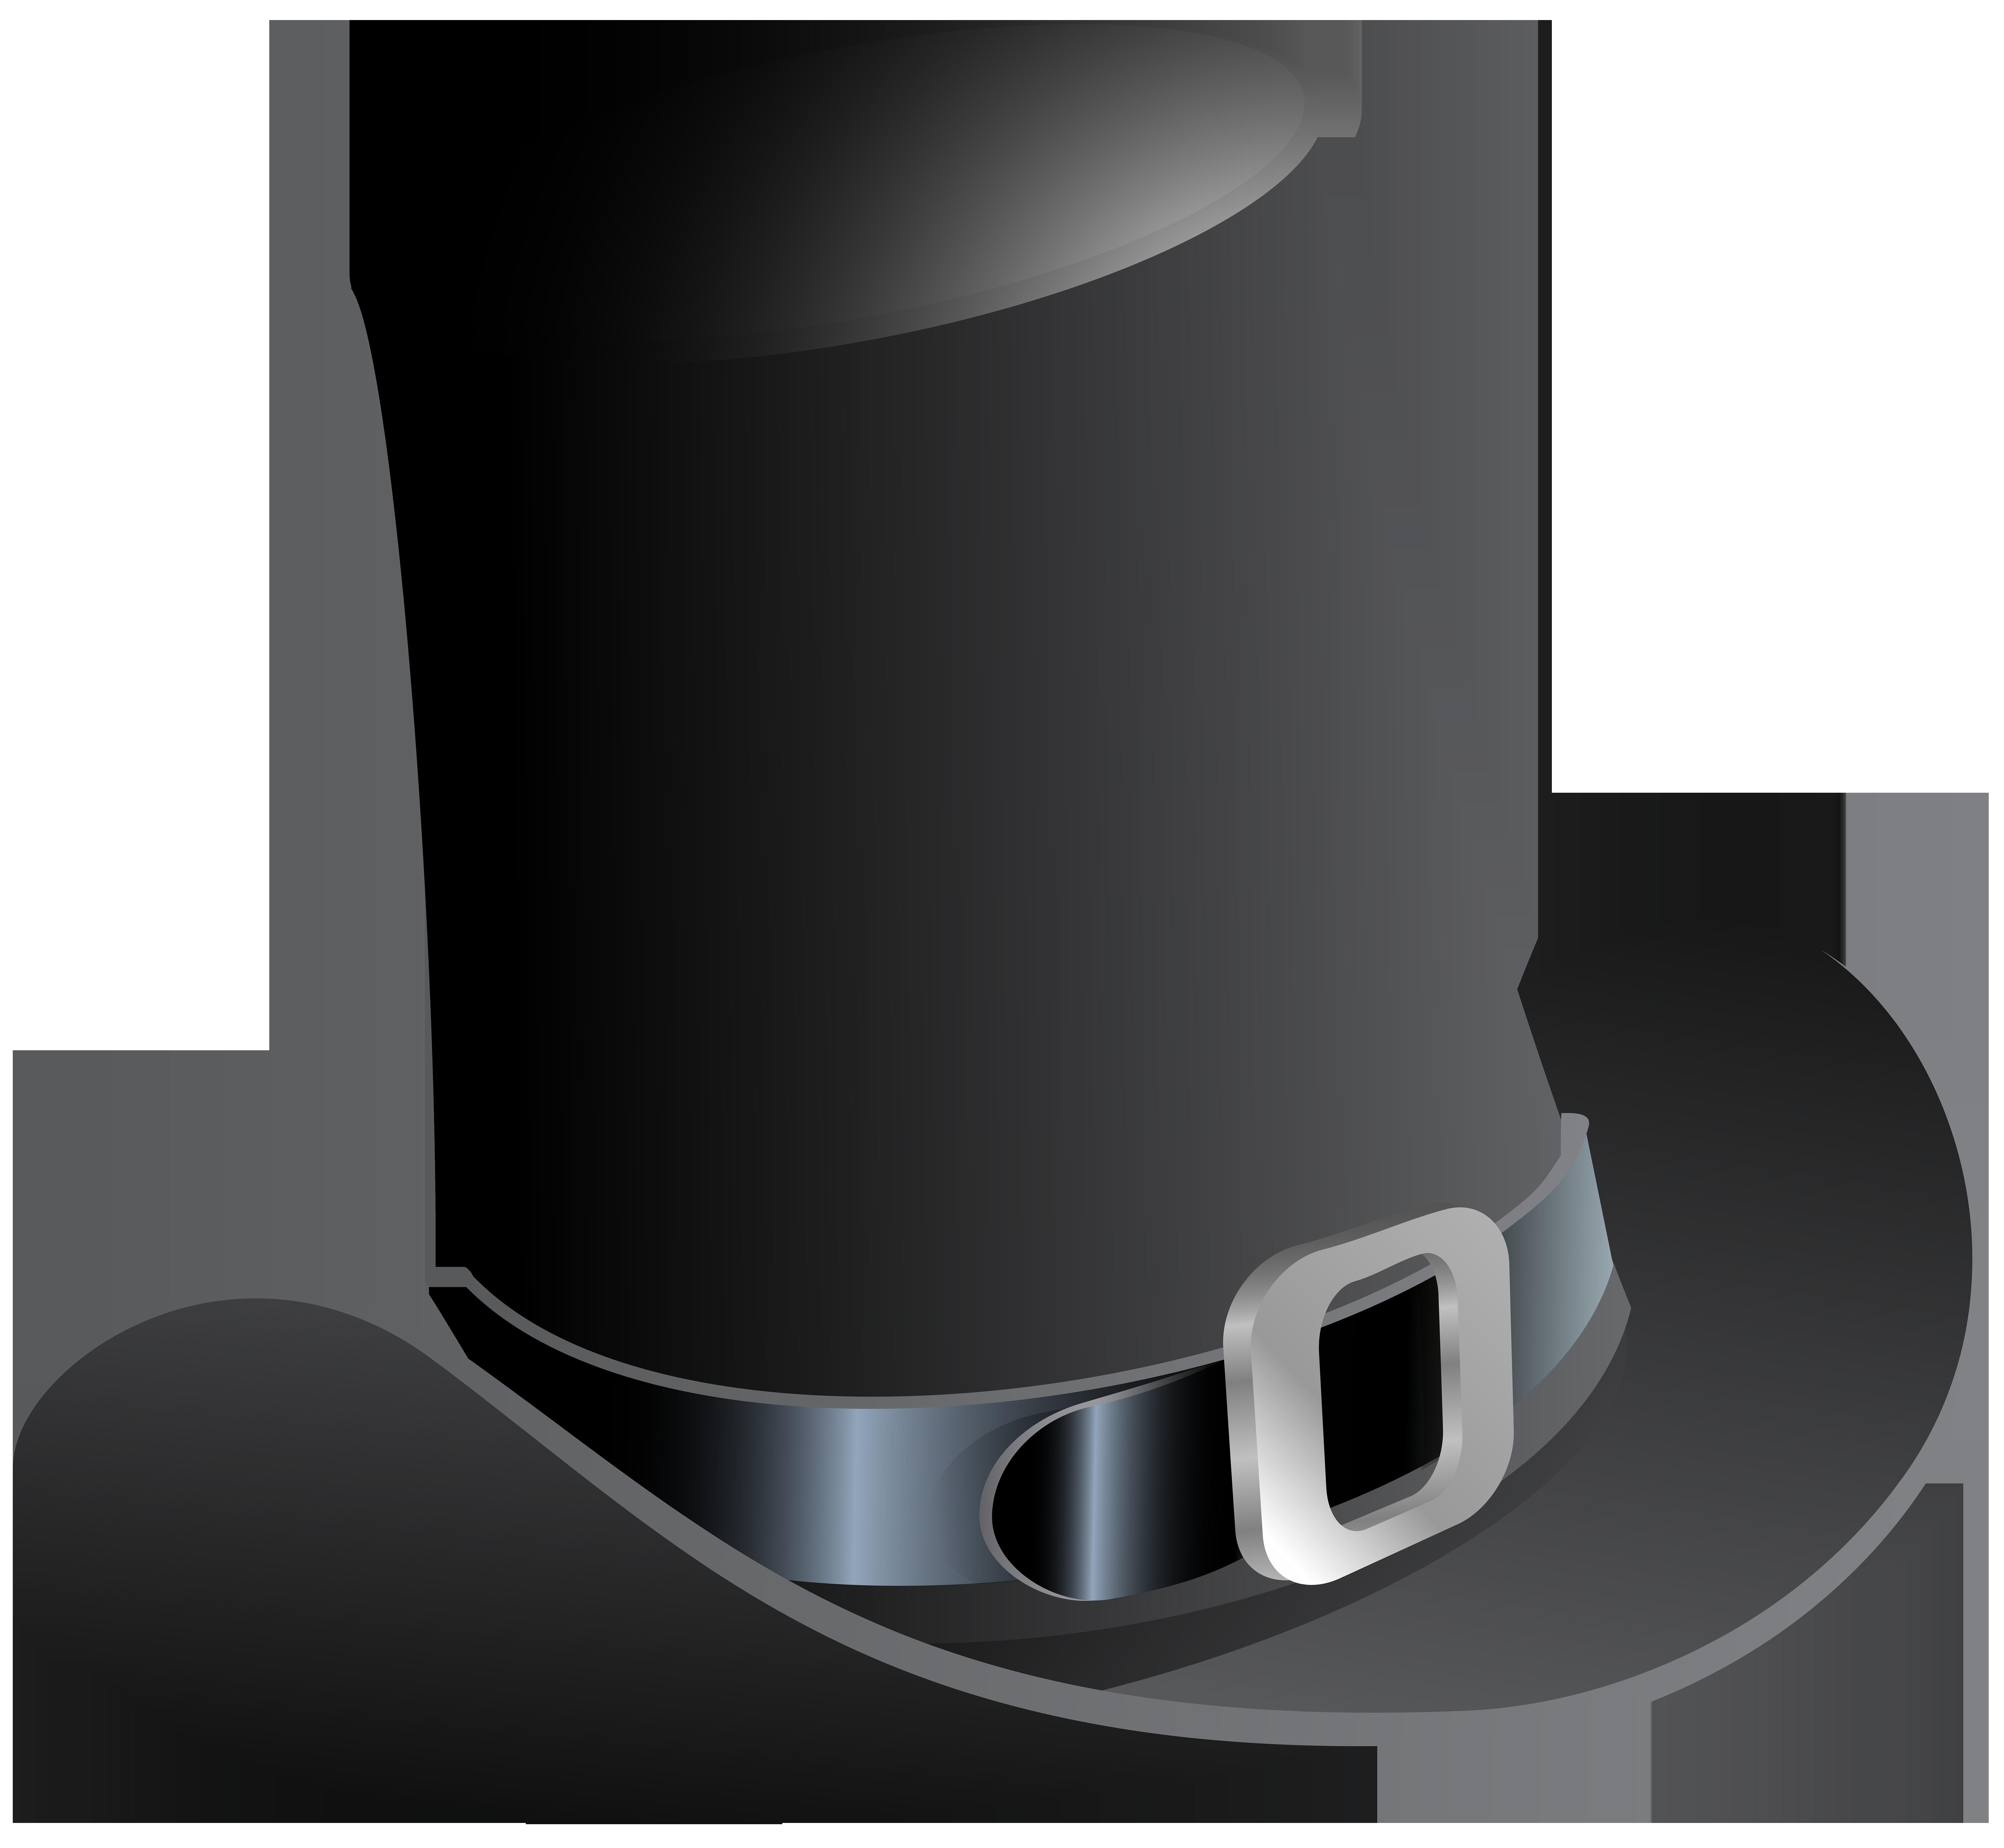 Black pilgrim hat png. Hats clipart valentine